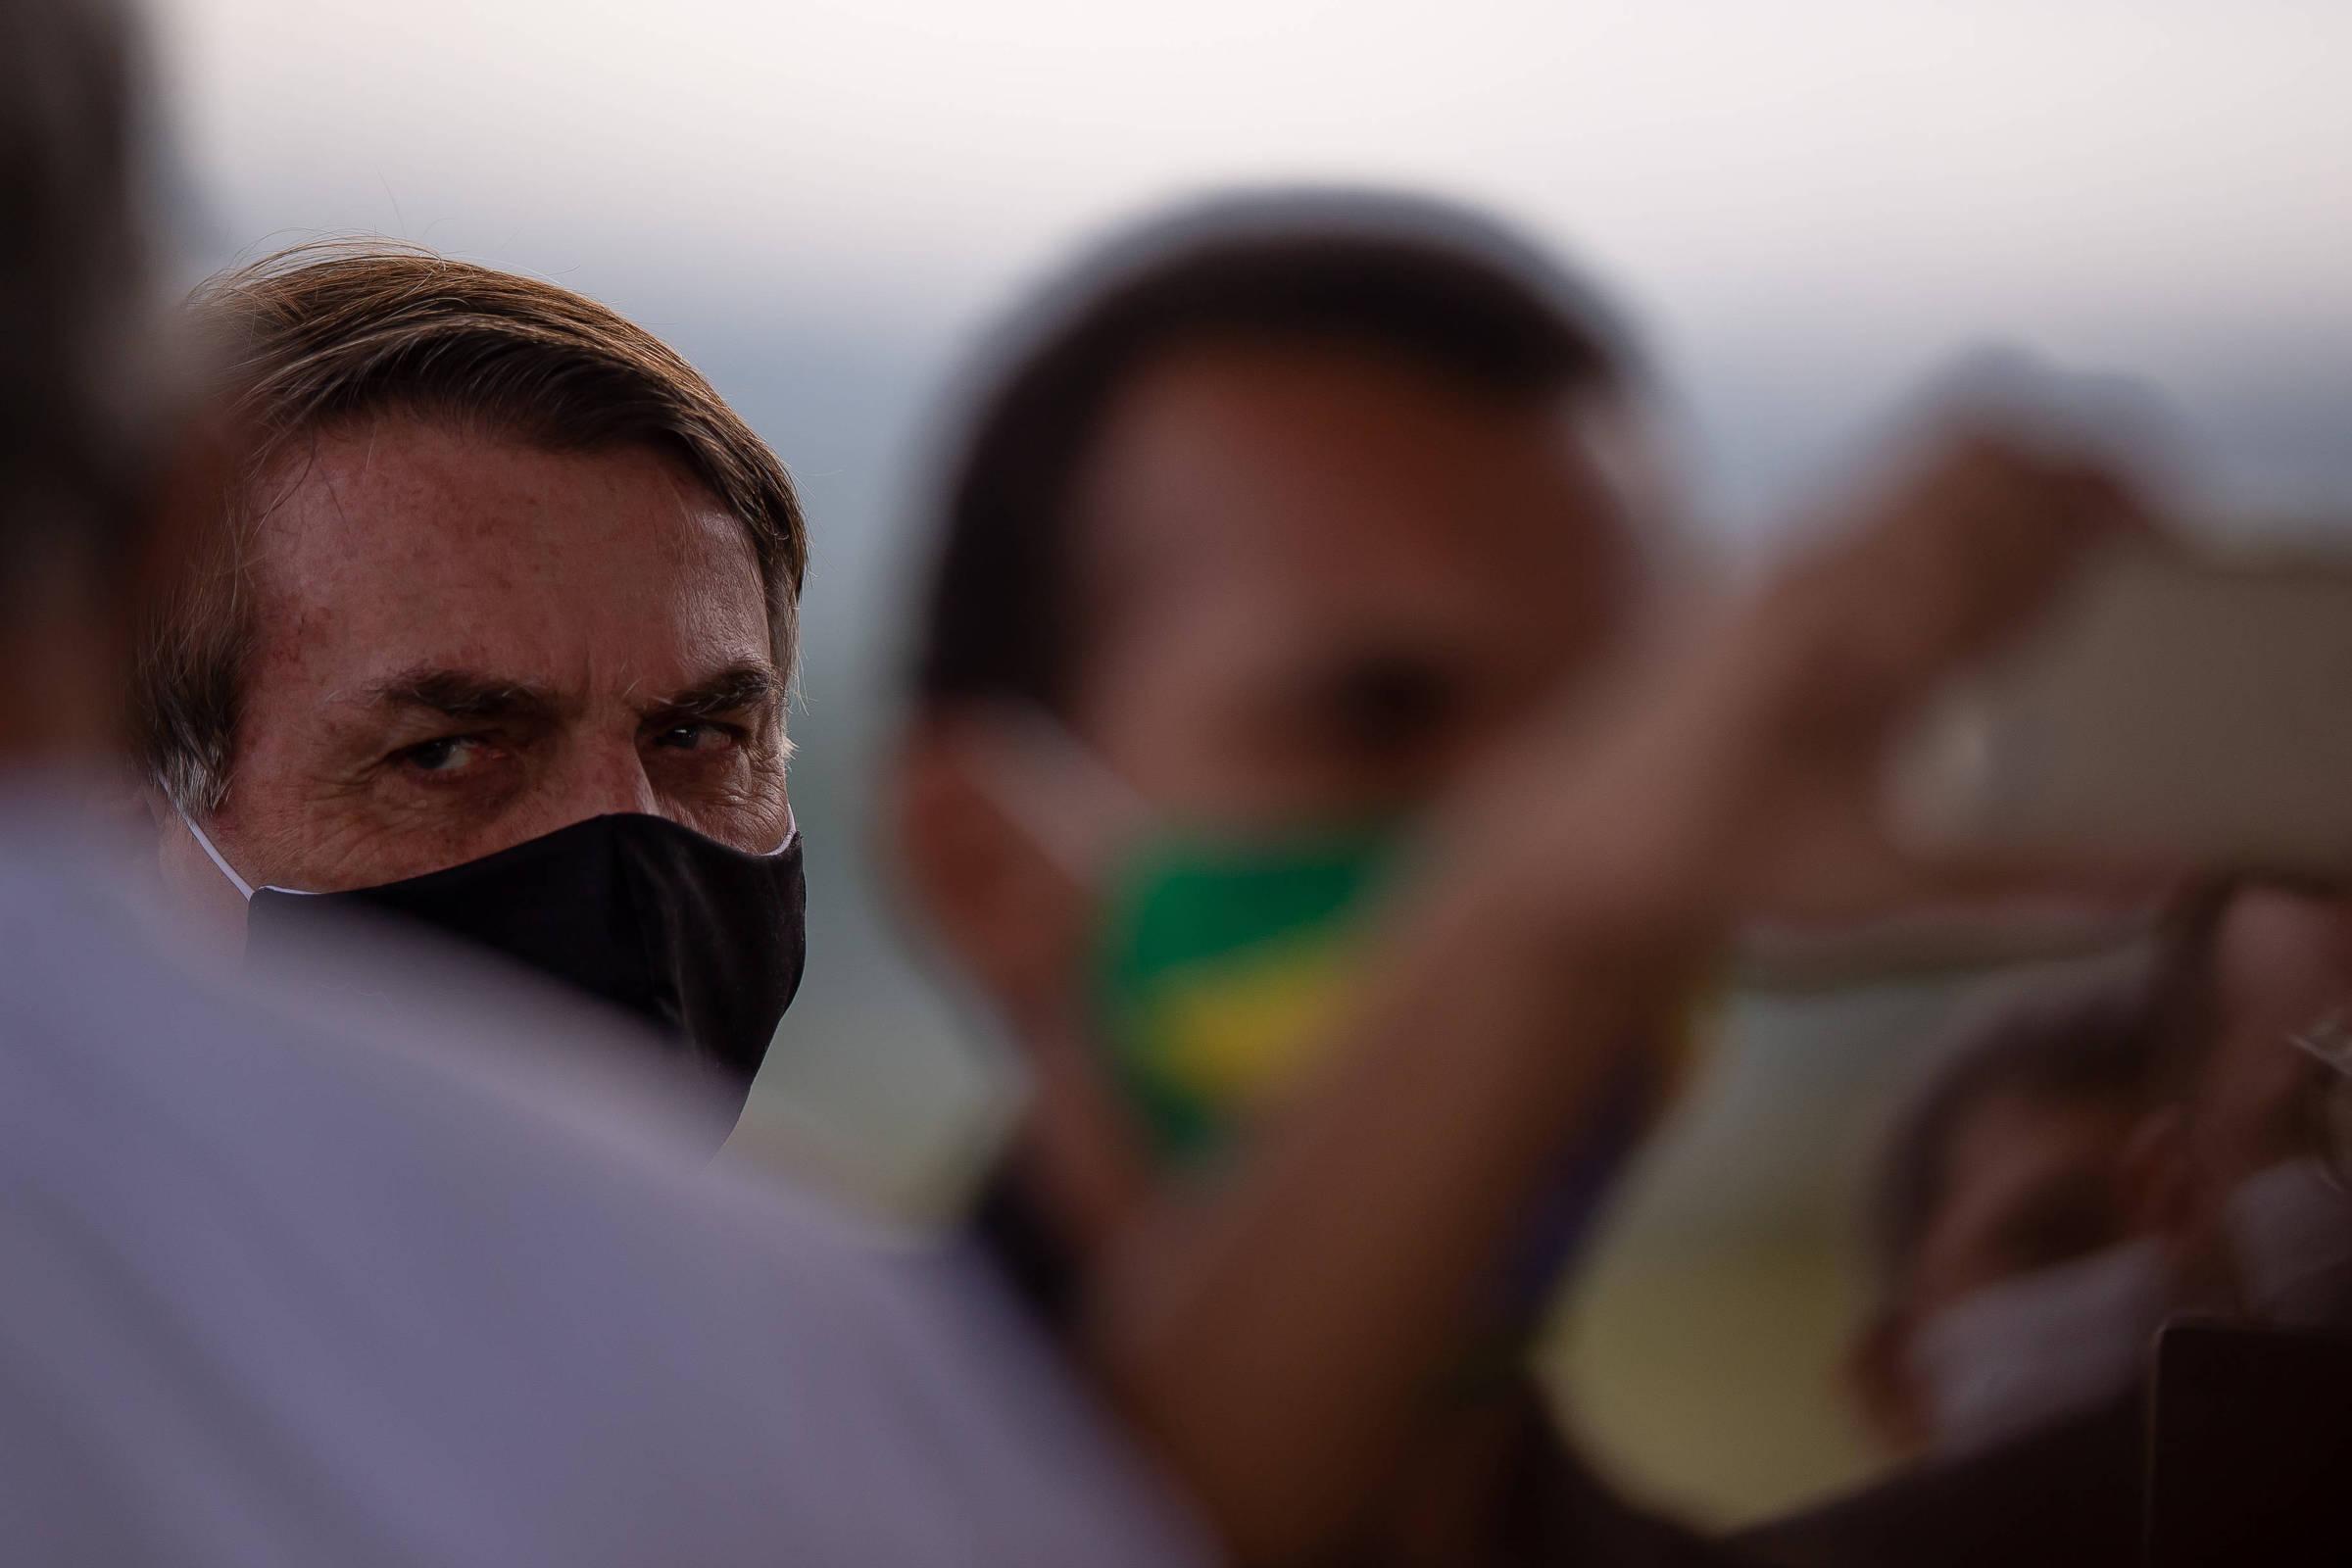 Após evidências de altos gastos, o governo Bolsonaro se atrasa com dados do cartão corporativo - 2/6/2020 - Poder